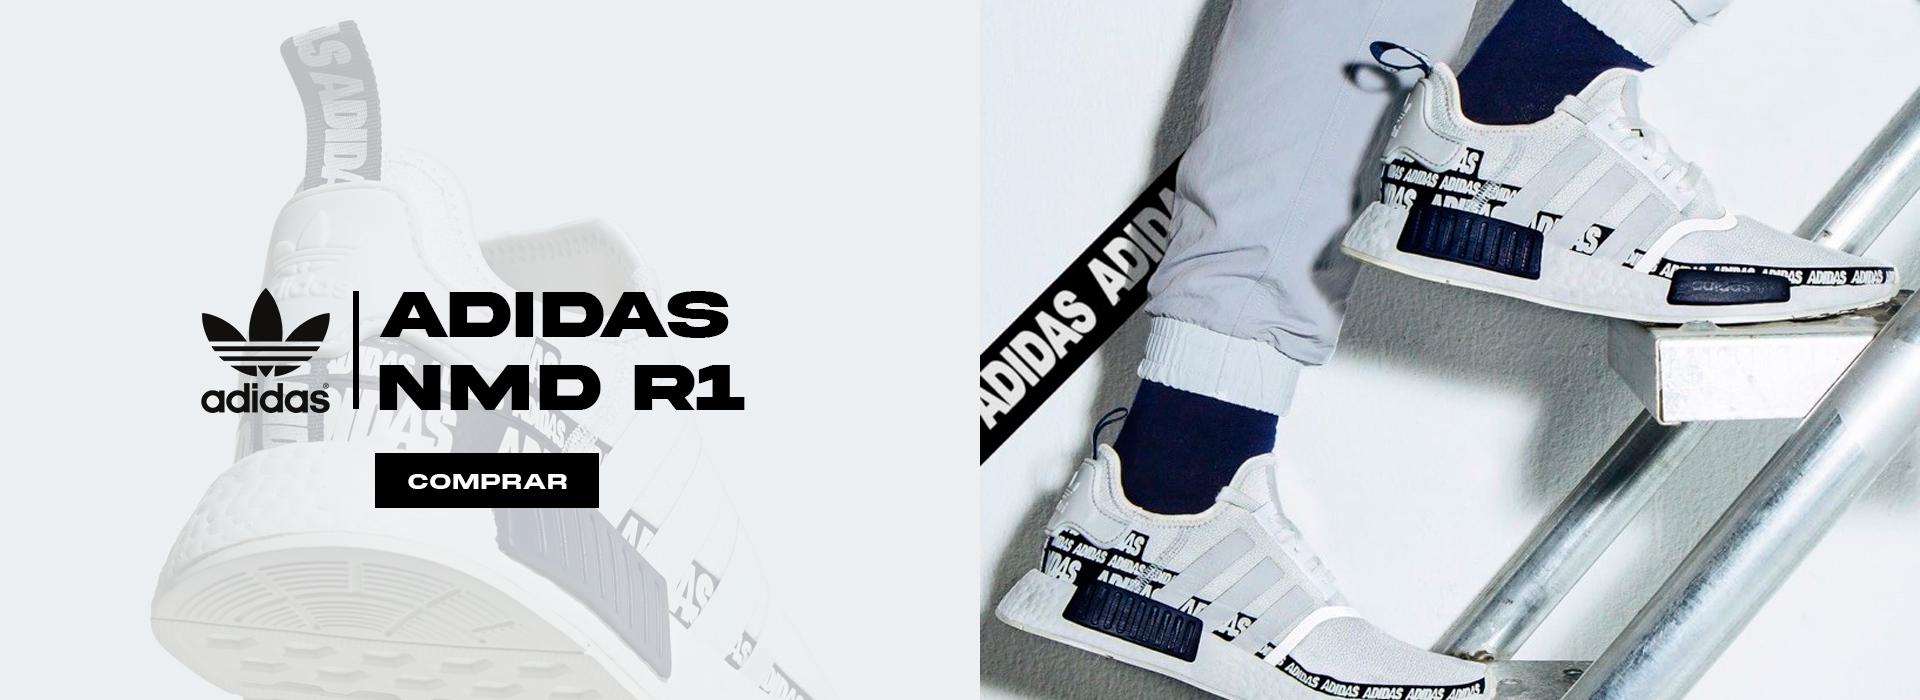 ADIDAS NMD R1 [P6]